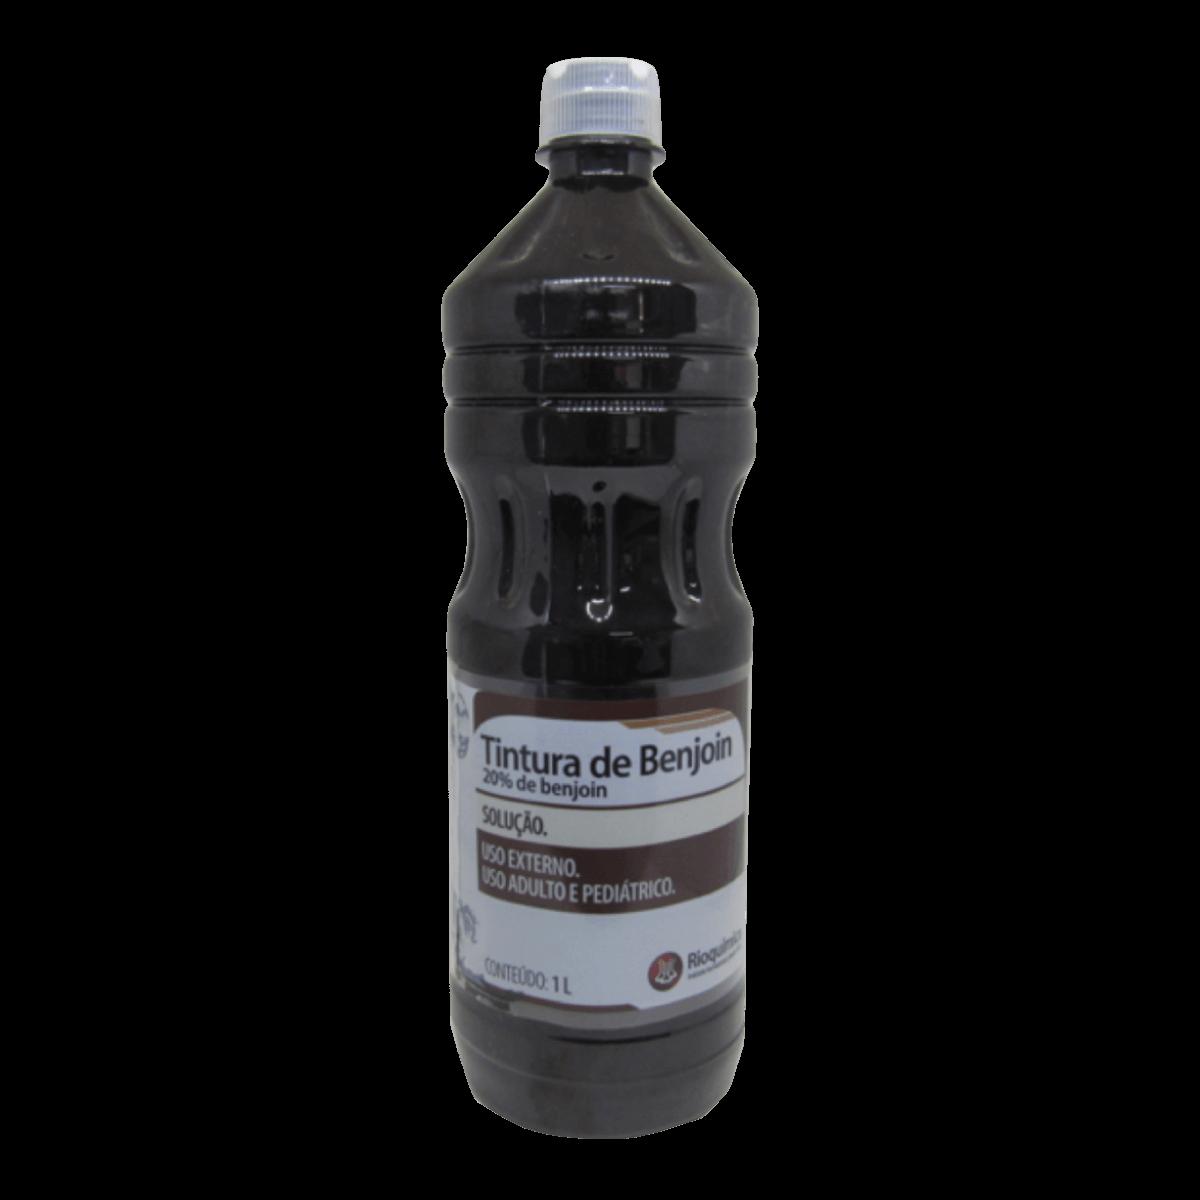 Tintura de Benjoin 20% Solução 1000ml Rioquímica